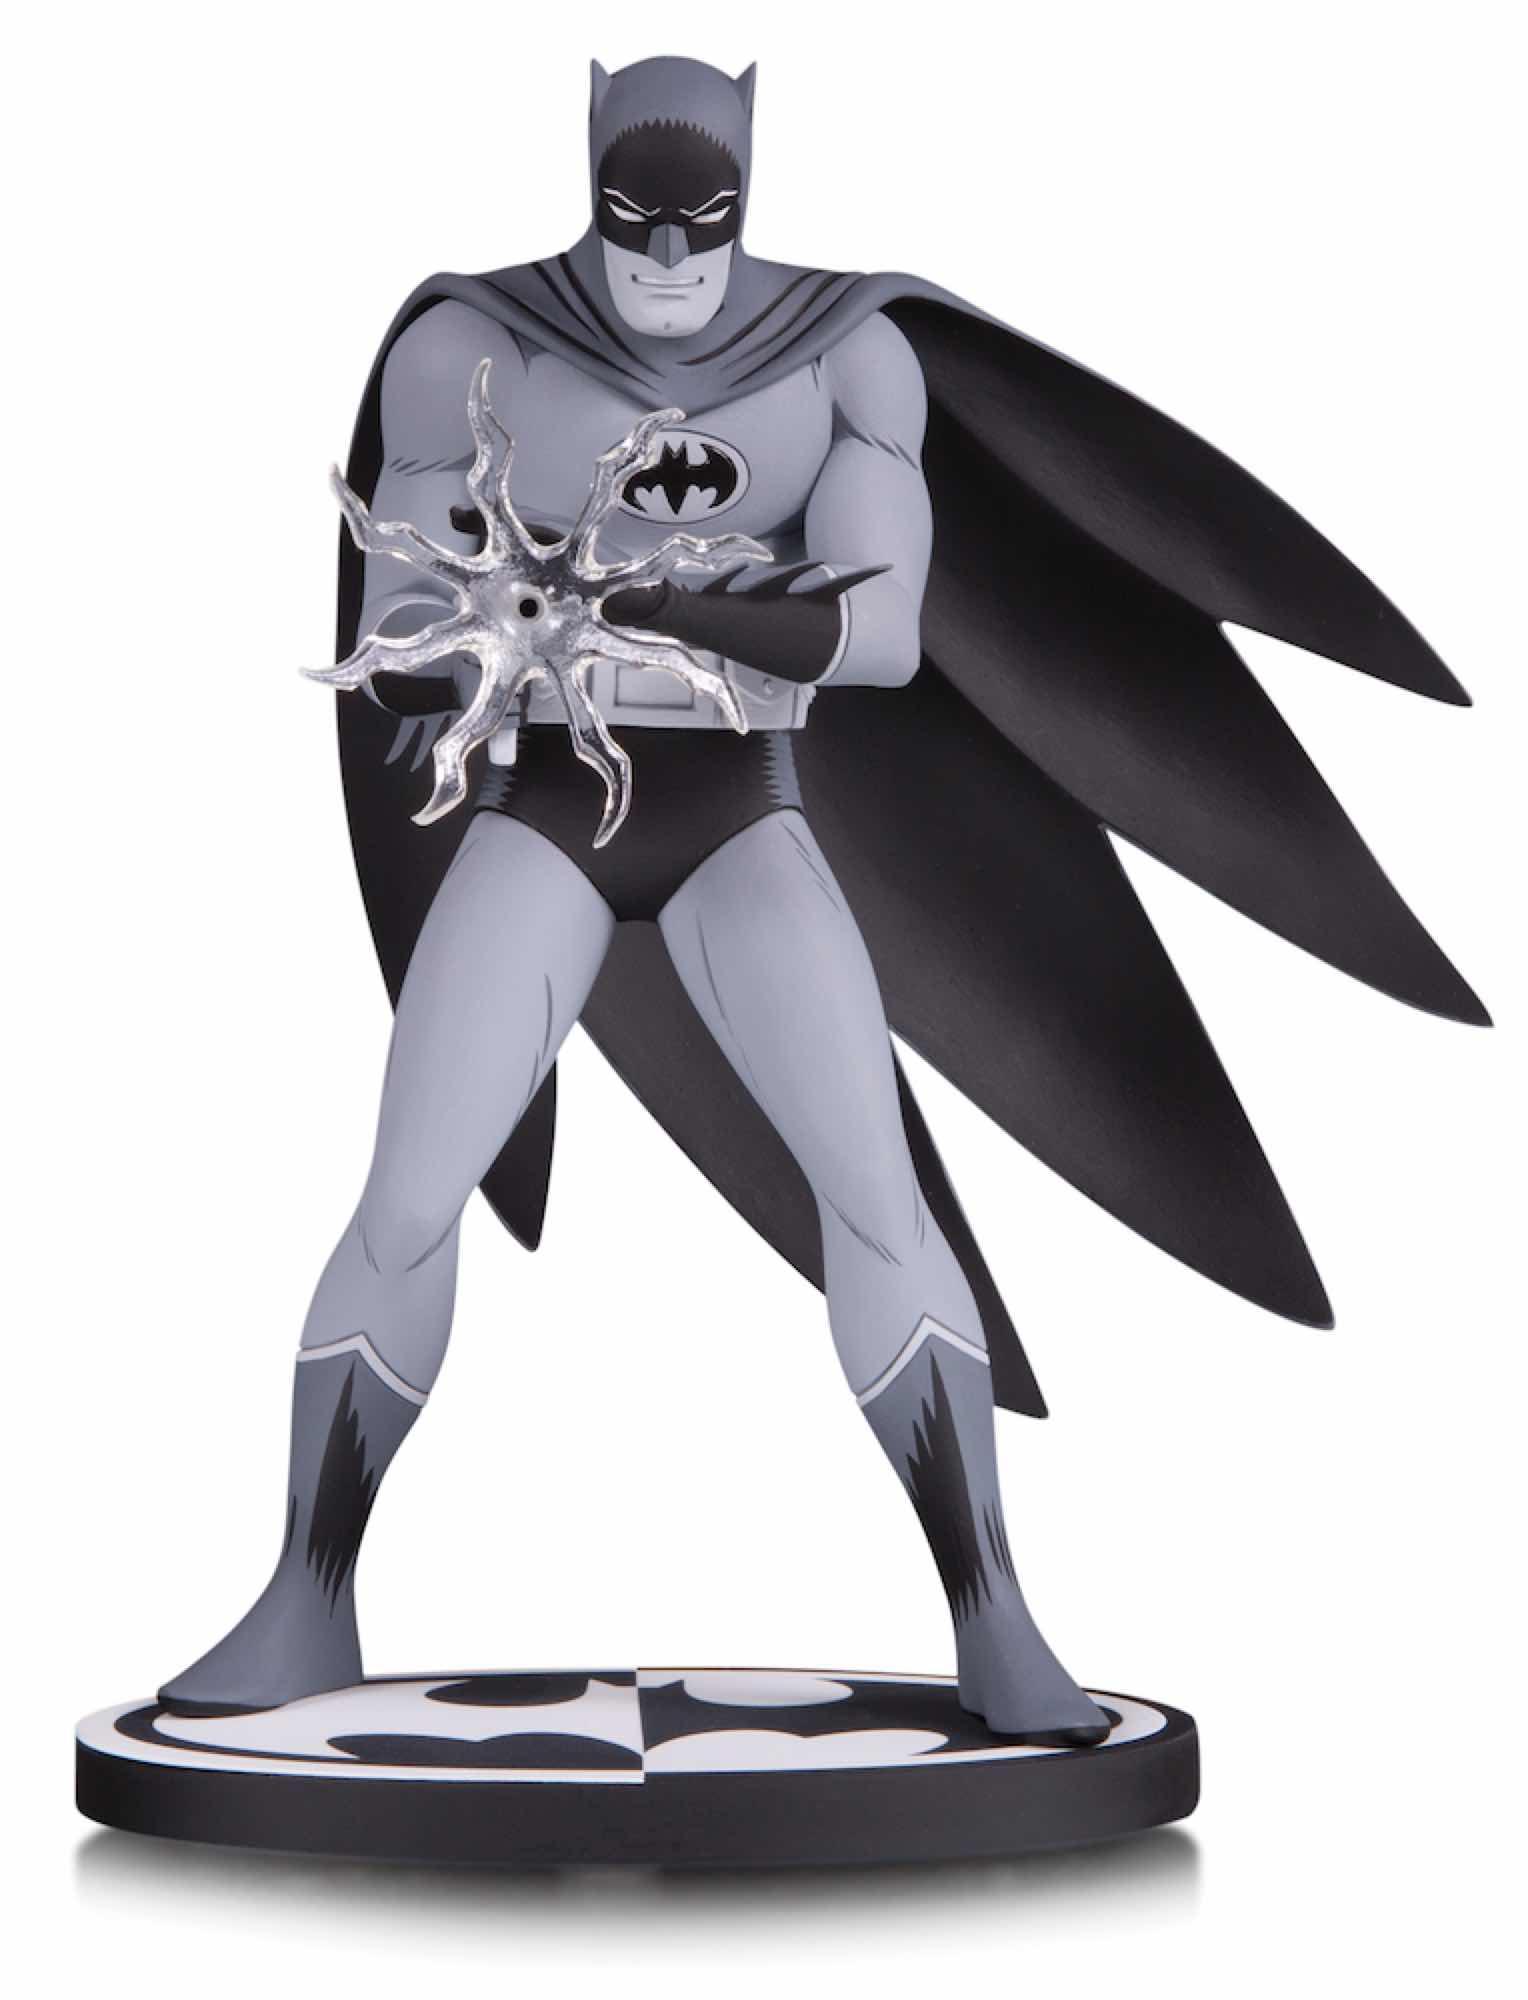 BATMAN B&W BLACK AND WHITE BY JIRO KUWATA ESTATUA 16 CM BATMAN UNIVERSO DC